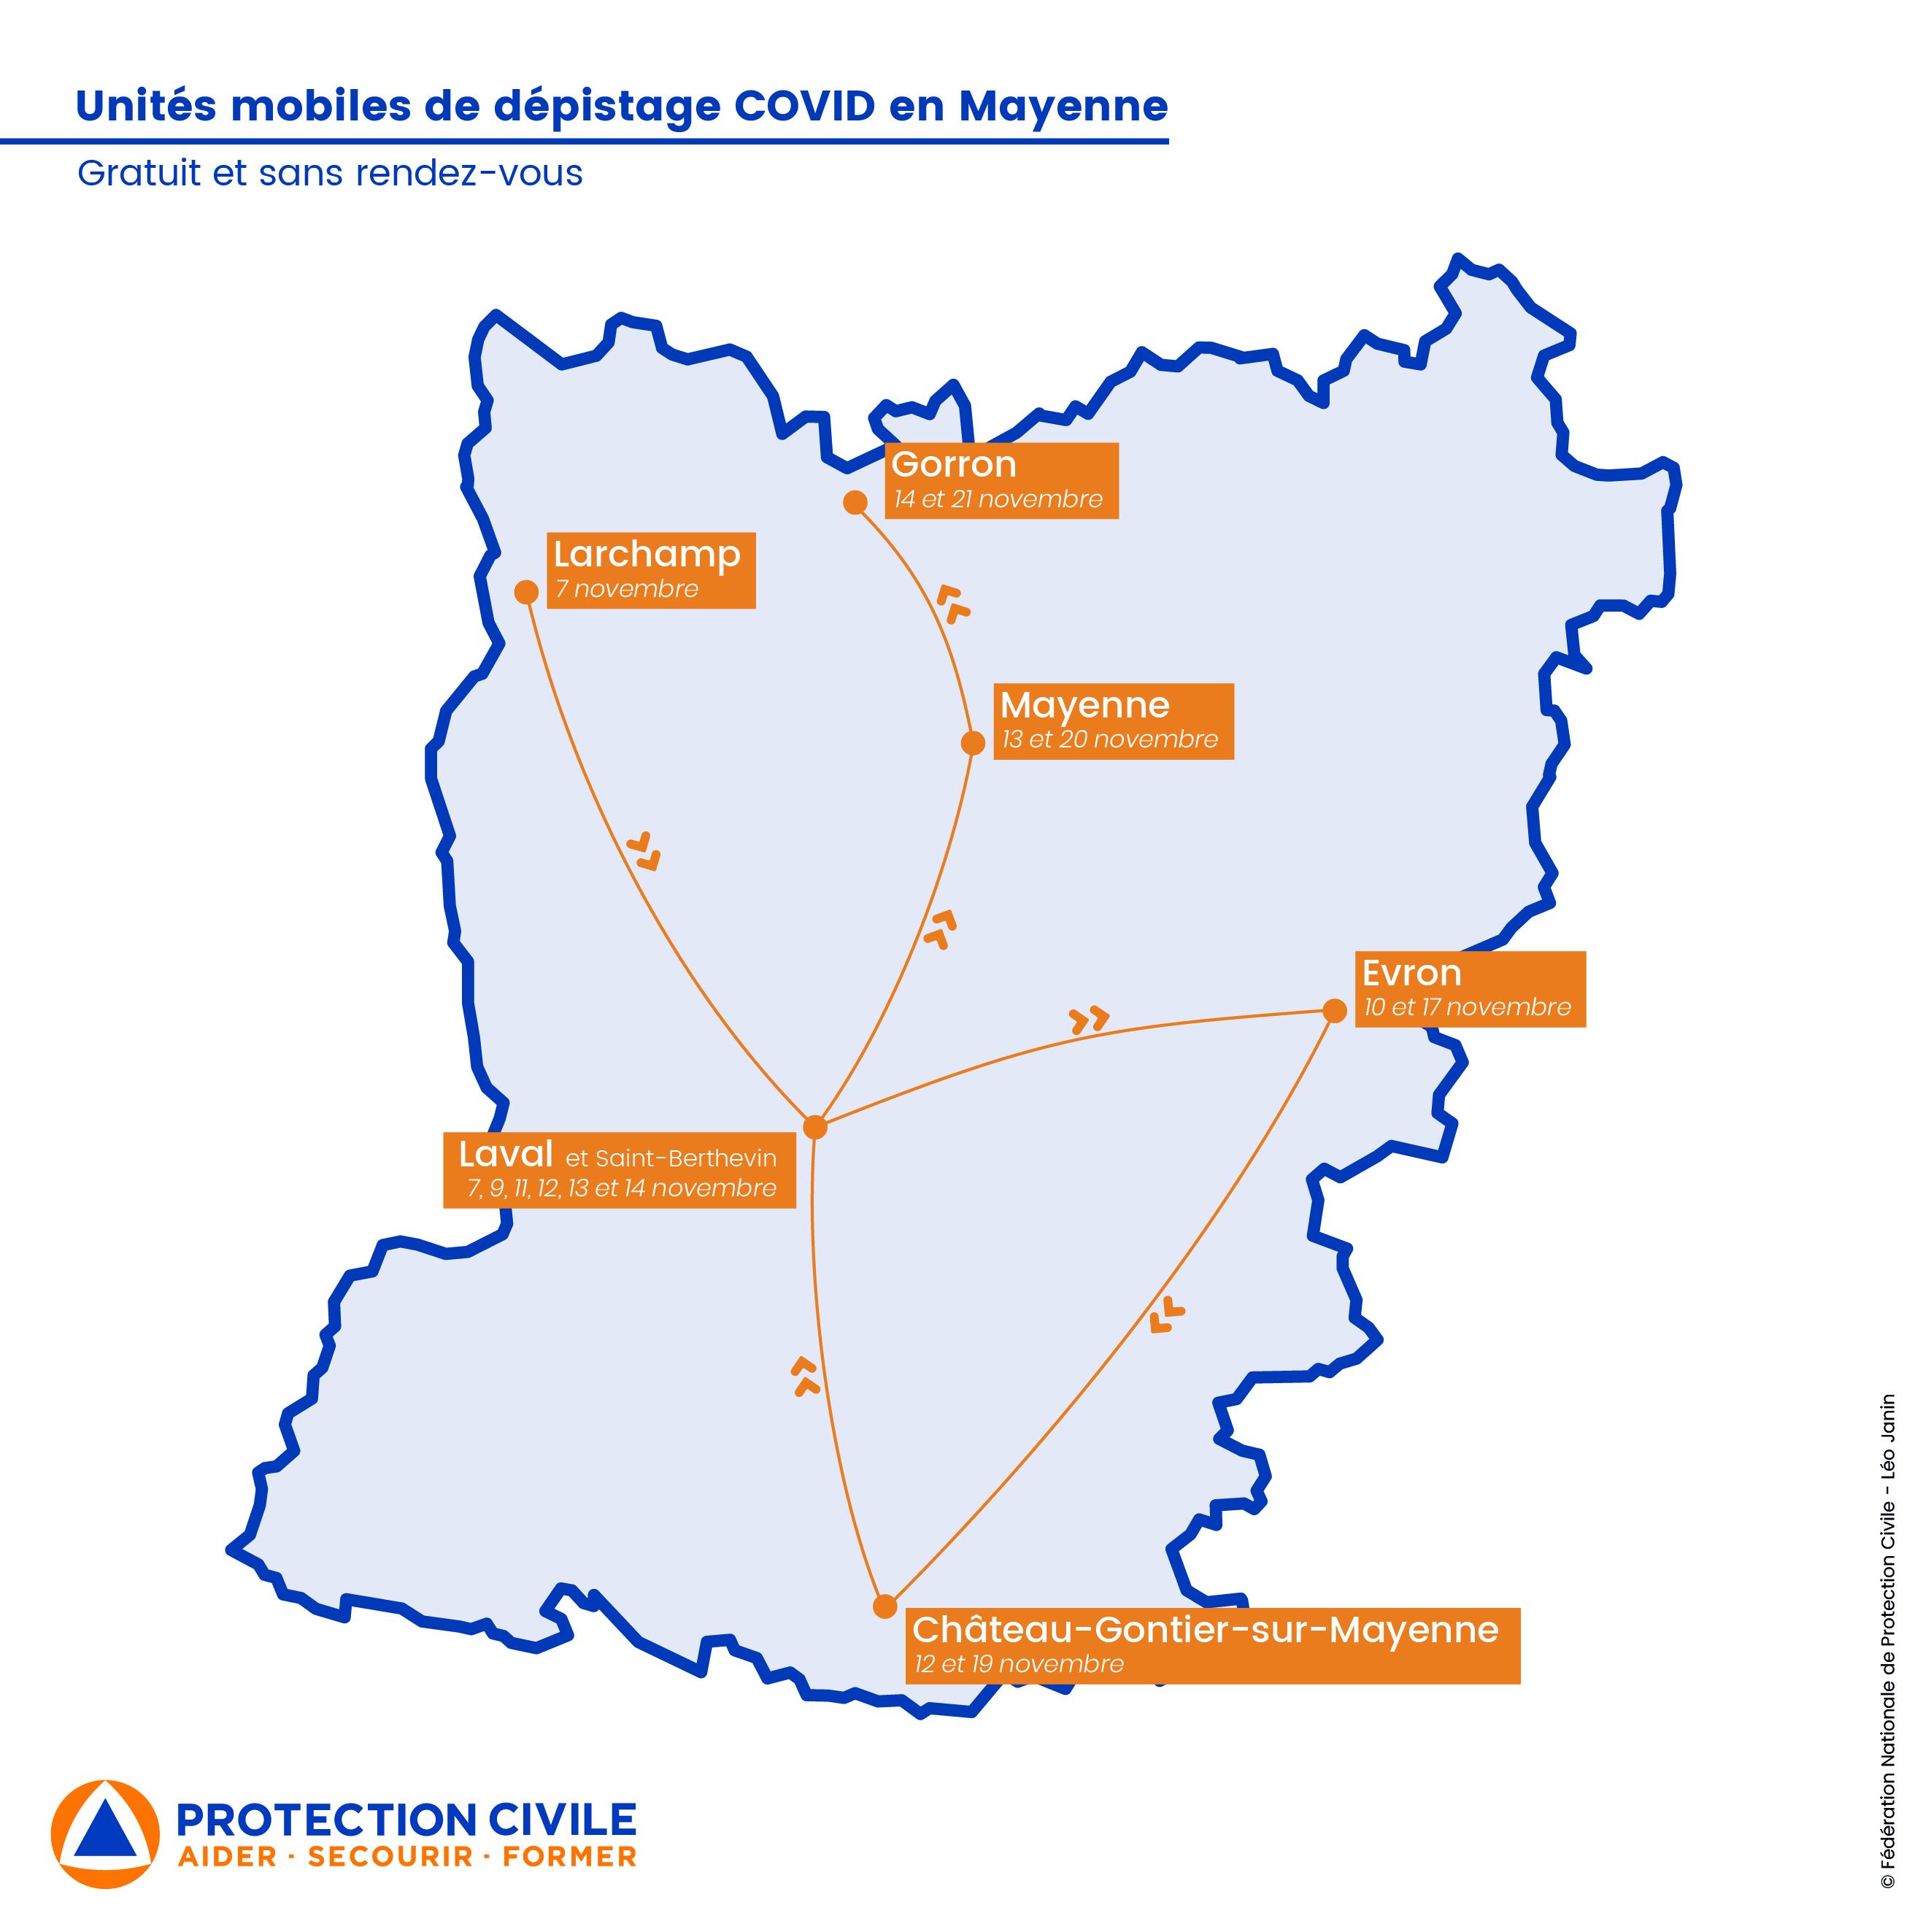 Carte des unités mobiles en Mayenne